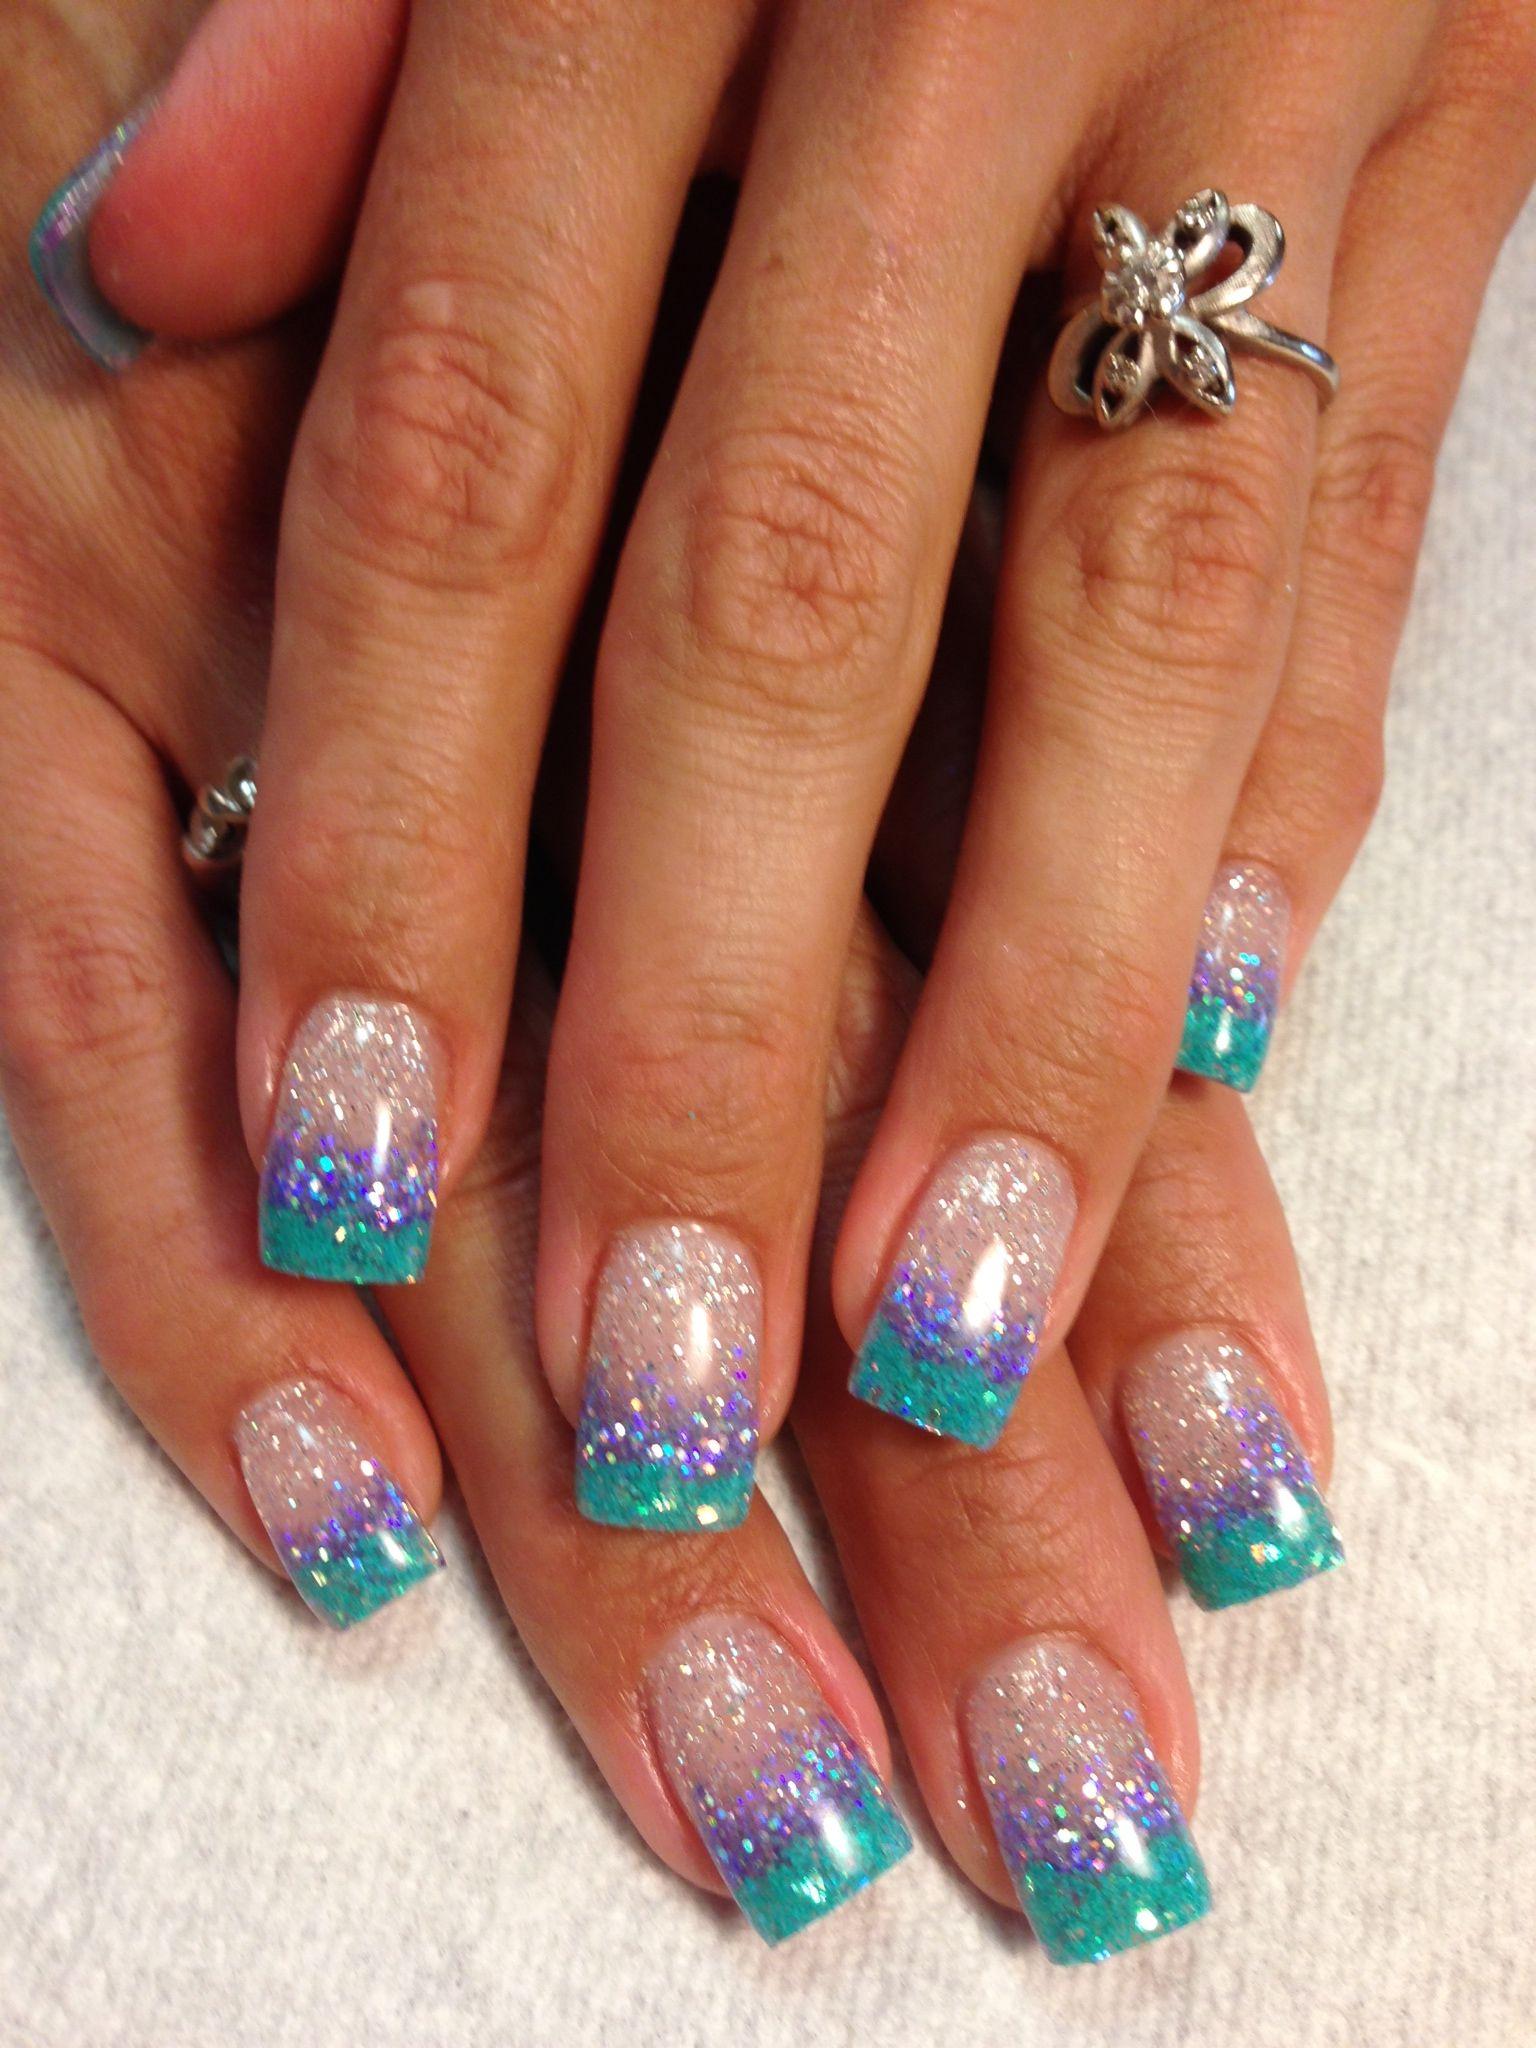 Blingy Summer Nails 3 Nail Tip Designs Mermaid Nails Ombre Nails